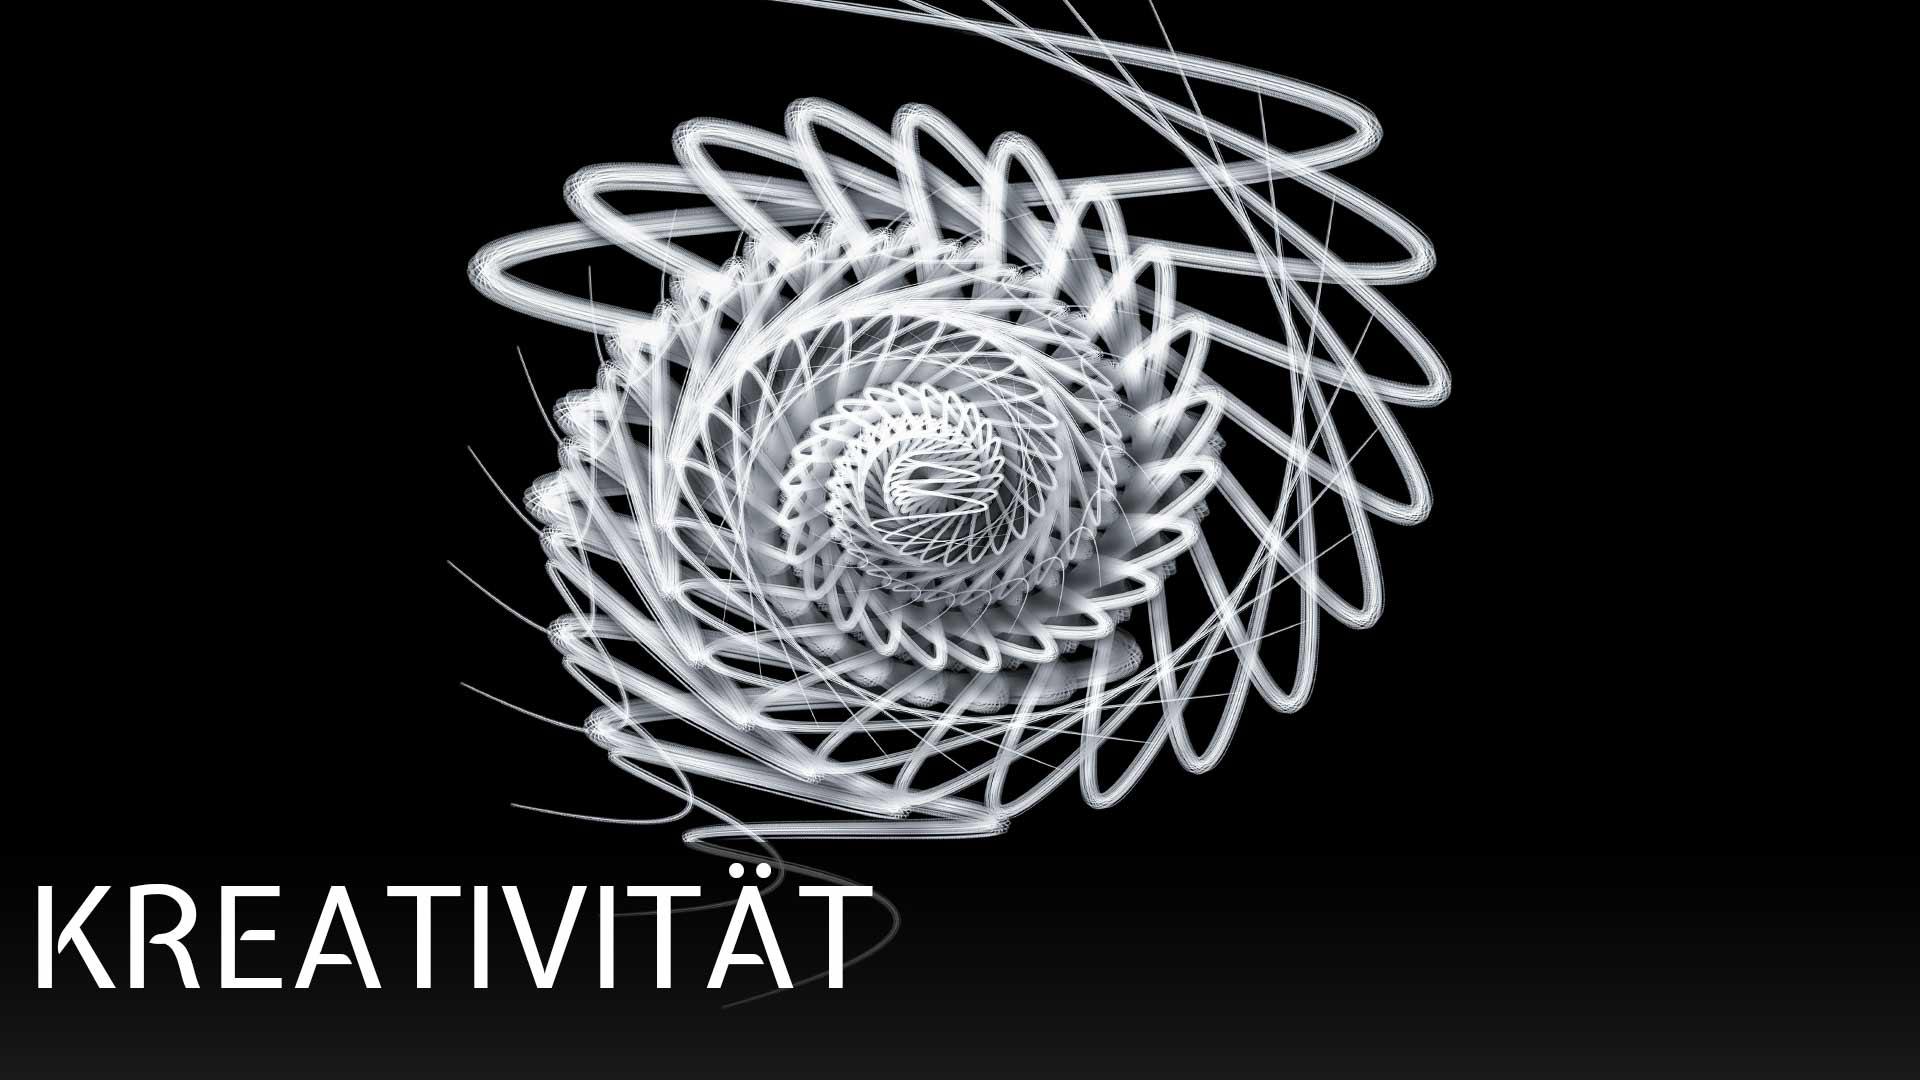 kreative Agentur Corporate Design